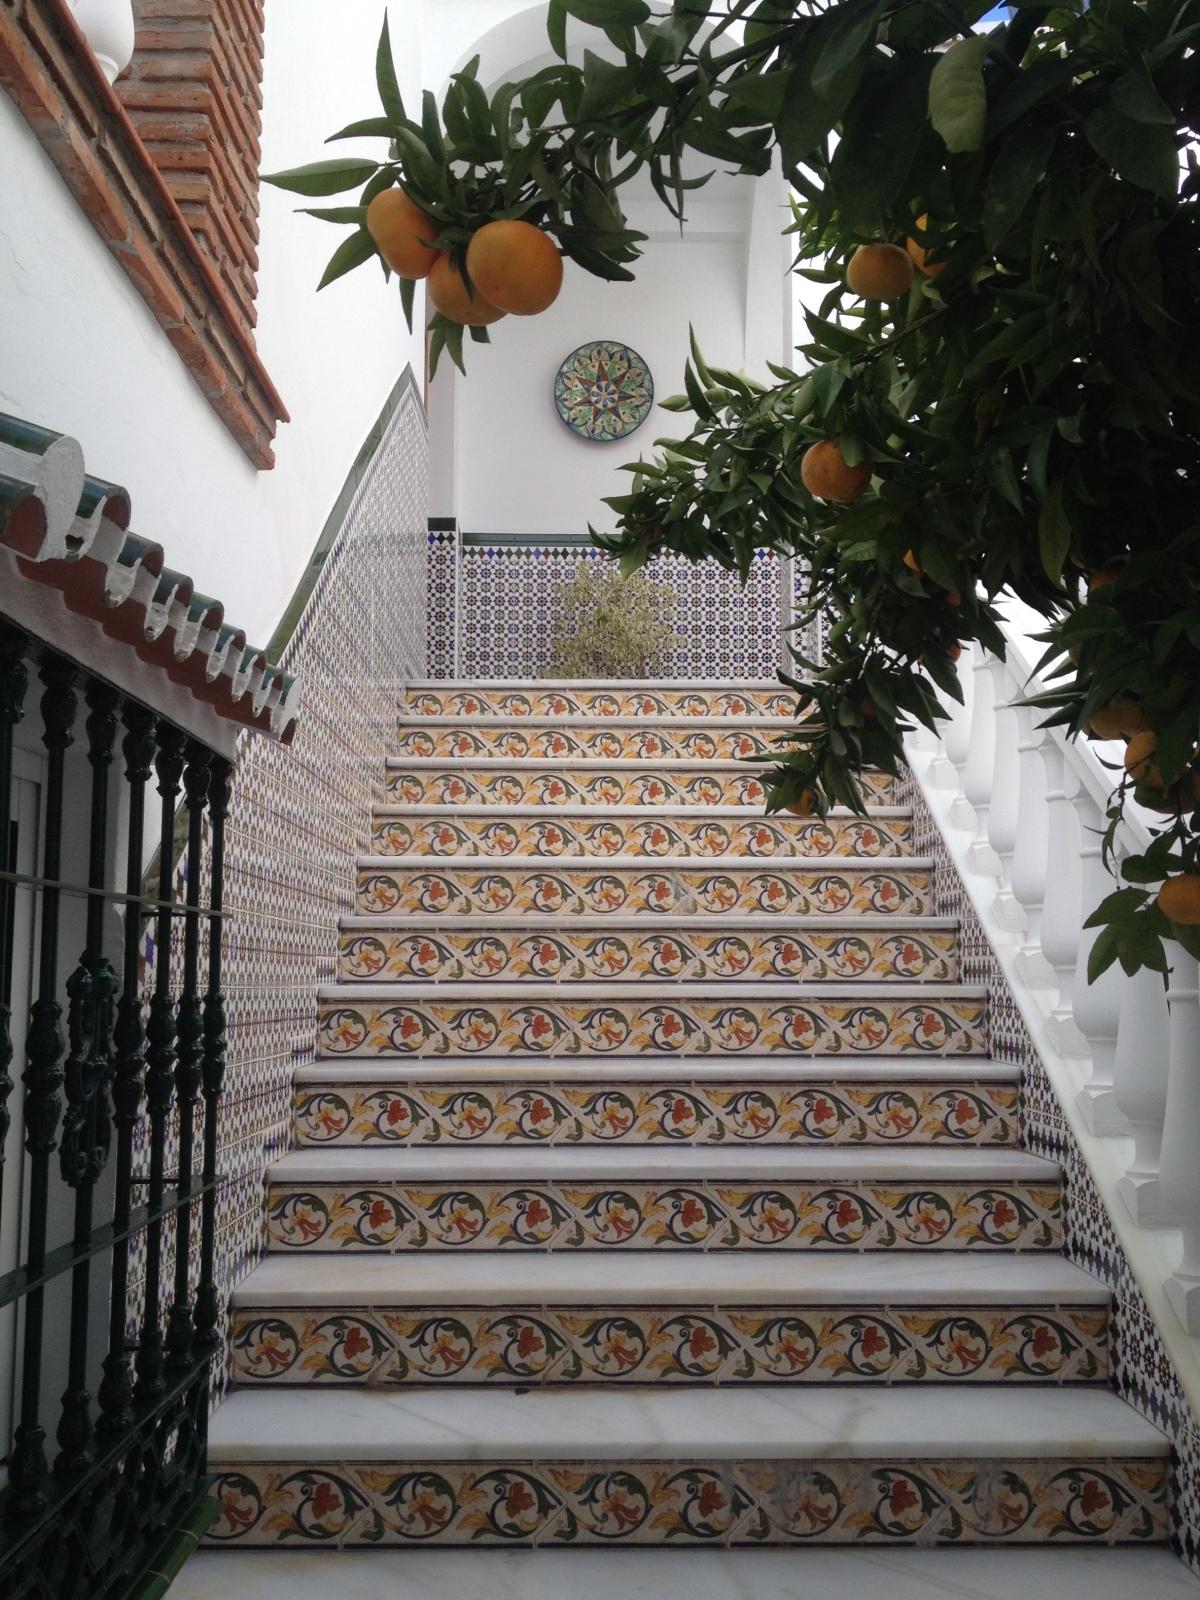 Entrances to Mijas PuebloHomes